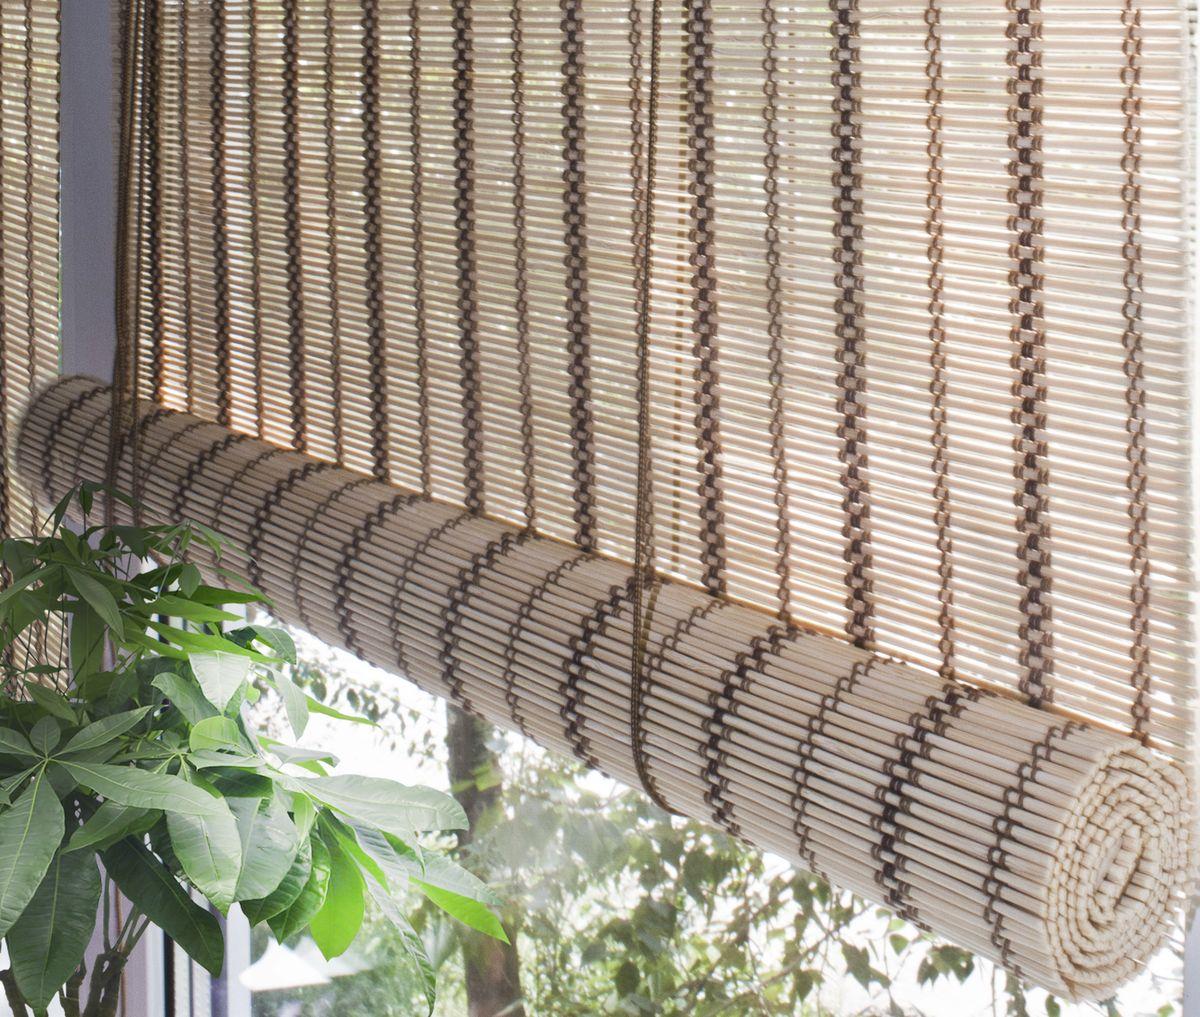 Штора рулонная Эскар Бамбук, цвет: золотой беж, ширина 60 см, высота 160 см7014060160При оформлении интерьера современных помещений многие отдают предпочтение природным материалам. Бамбуковые рулонные шторы – одно из натуральных изделий, способное сделать атмосферу помещения более уютной и в то же время необычной. Свойства бамбука уникальны: он экологически чист, так как быстро вырастает, благодаря чему не успевает накопить вредные вещества из окружающей среды. Кроме того, растение обладает противомикробным и антибактериальным действием. Занавеси из бамбука безопасно использовать в помещениях, где находятся новорожденные дети и люди, склонные к аллергии. Они незаменимы для тех, кто заботится о своем здоровье и уделяет внимание высокому уровню жизни.